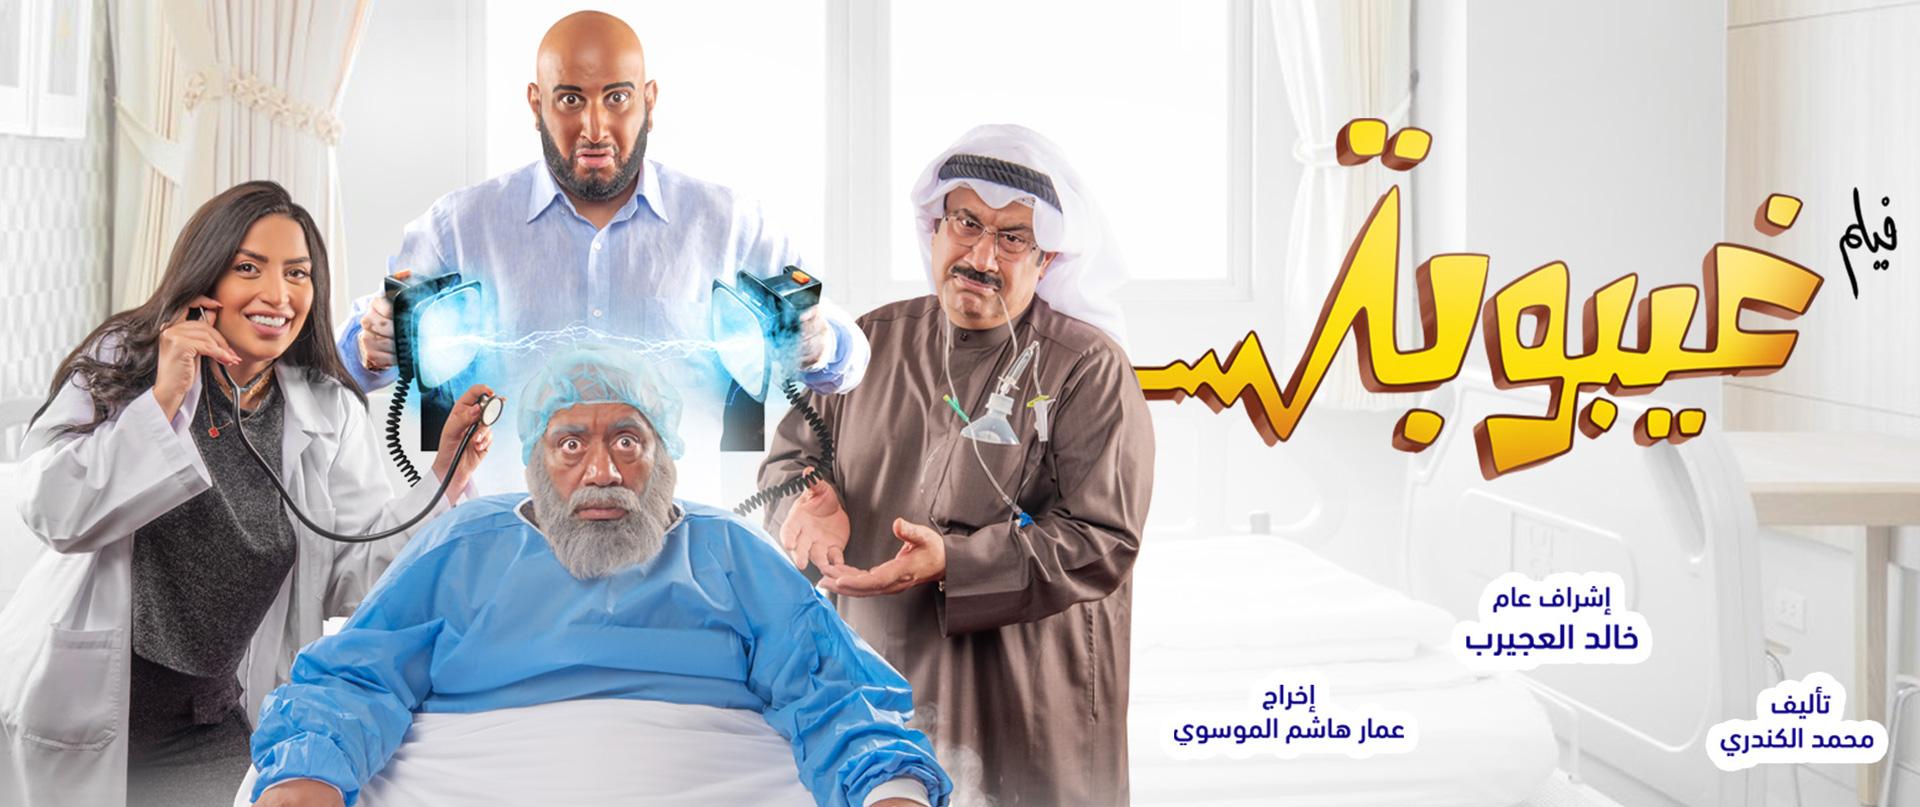 Ghaybouba (Kuwaiti) - Arabic